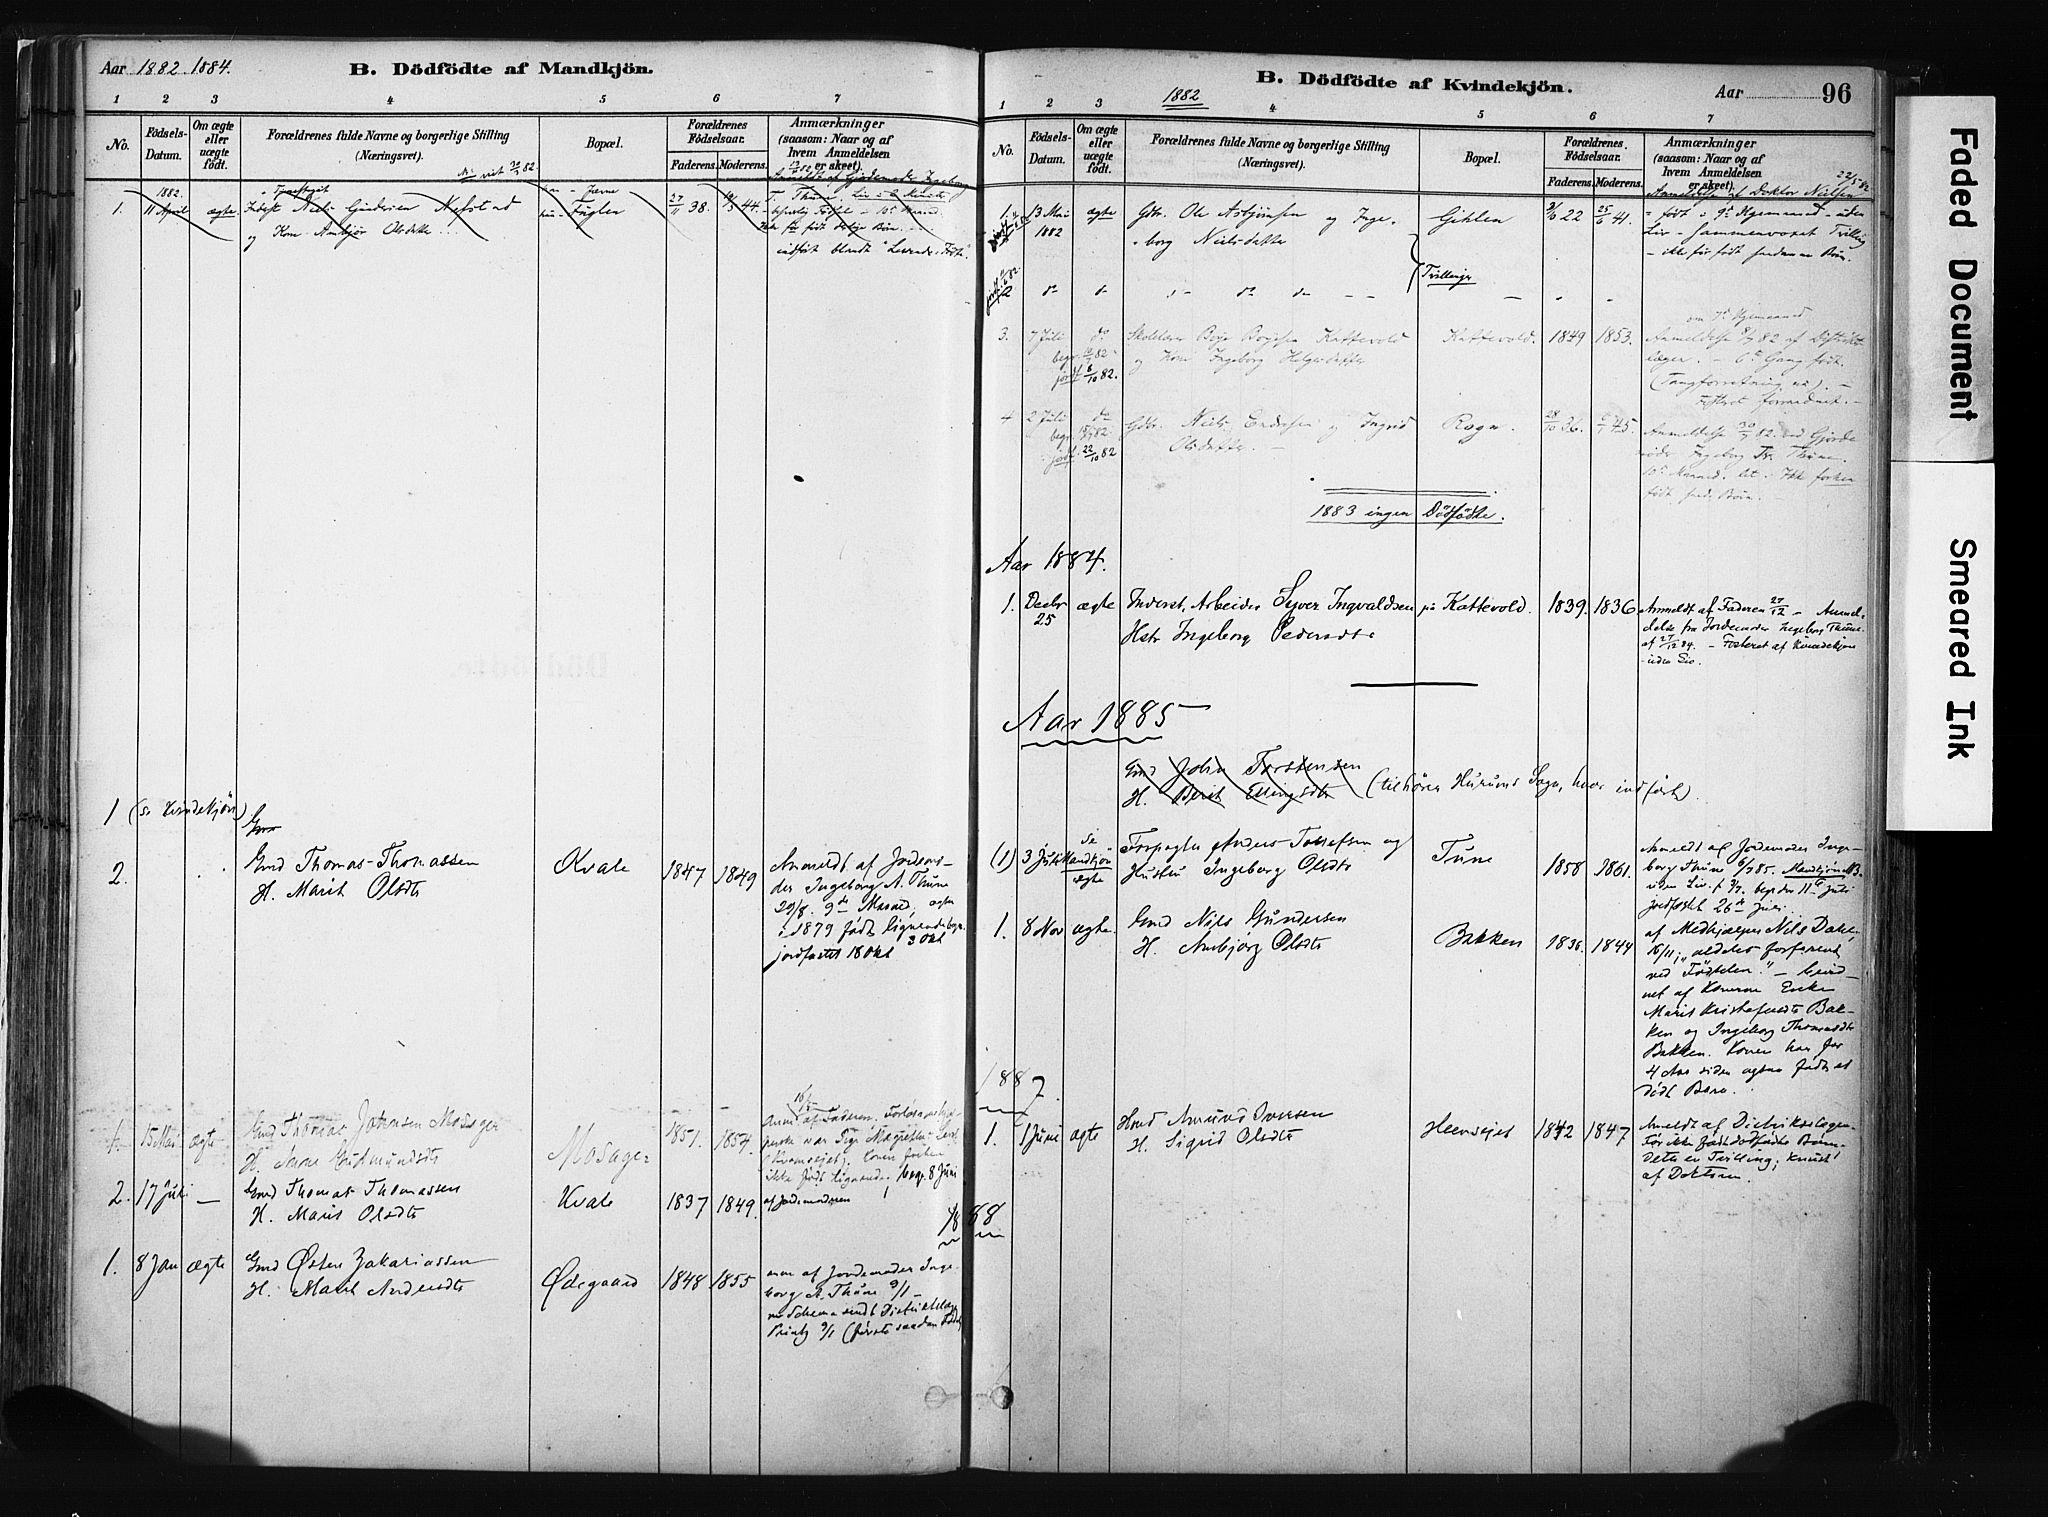 SAH, Vang prestekontor, Valdres, Ministerialbok nr. 8, 1882-1910, s. 96